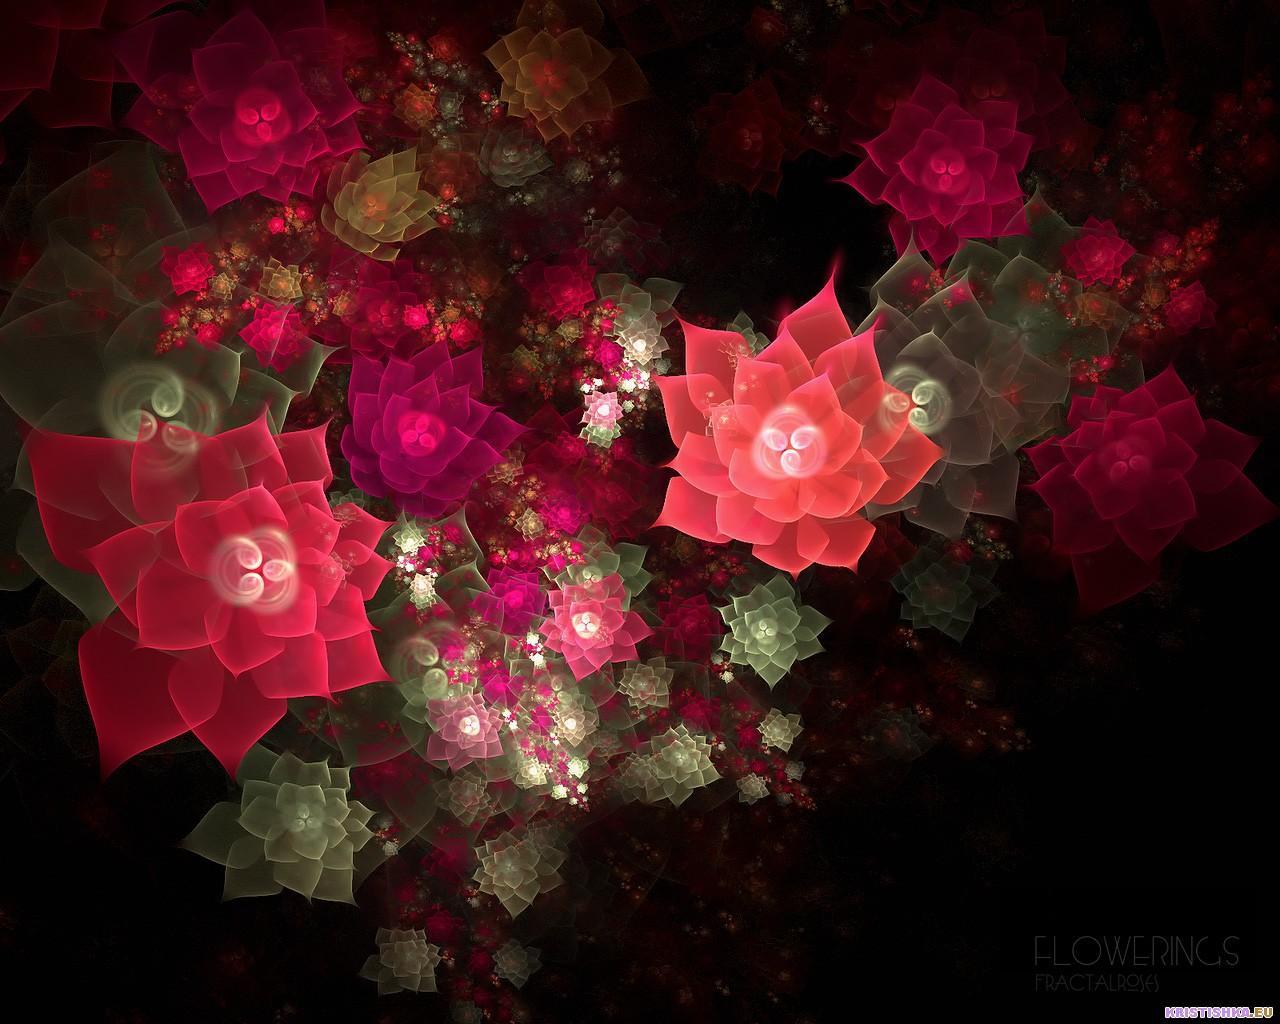 Resultados da Pesquisa de imagens do Google para http://www.pulsarmedia.eu/data/media/917/Fractal_3D_Flowers_17.jpg